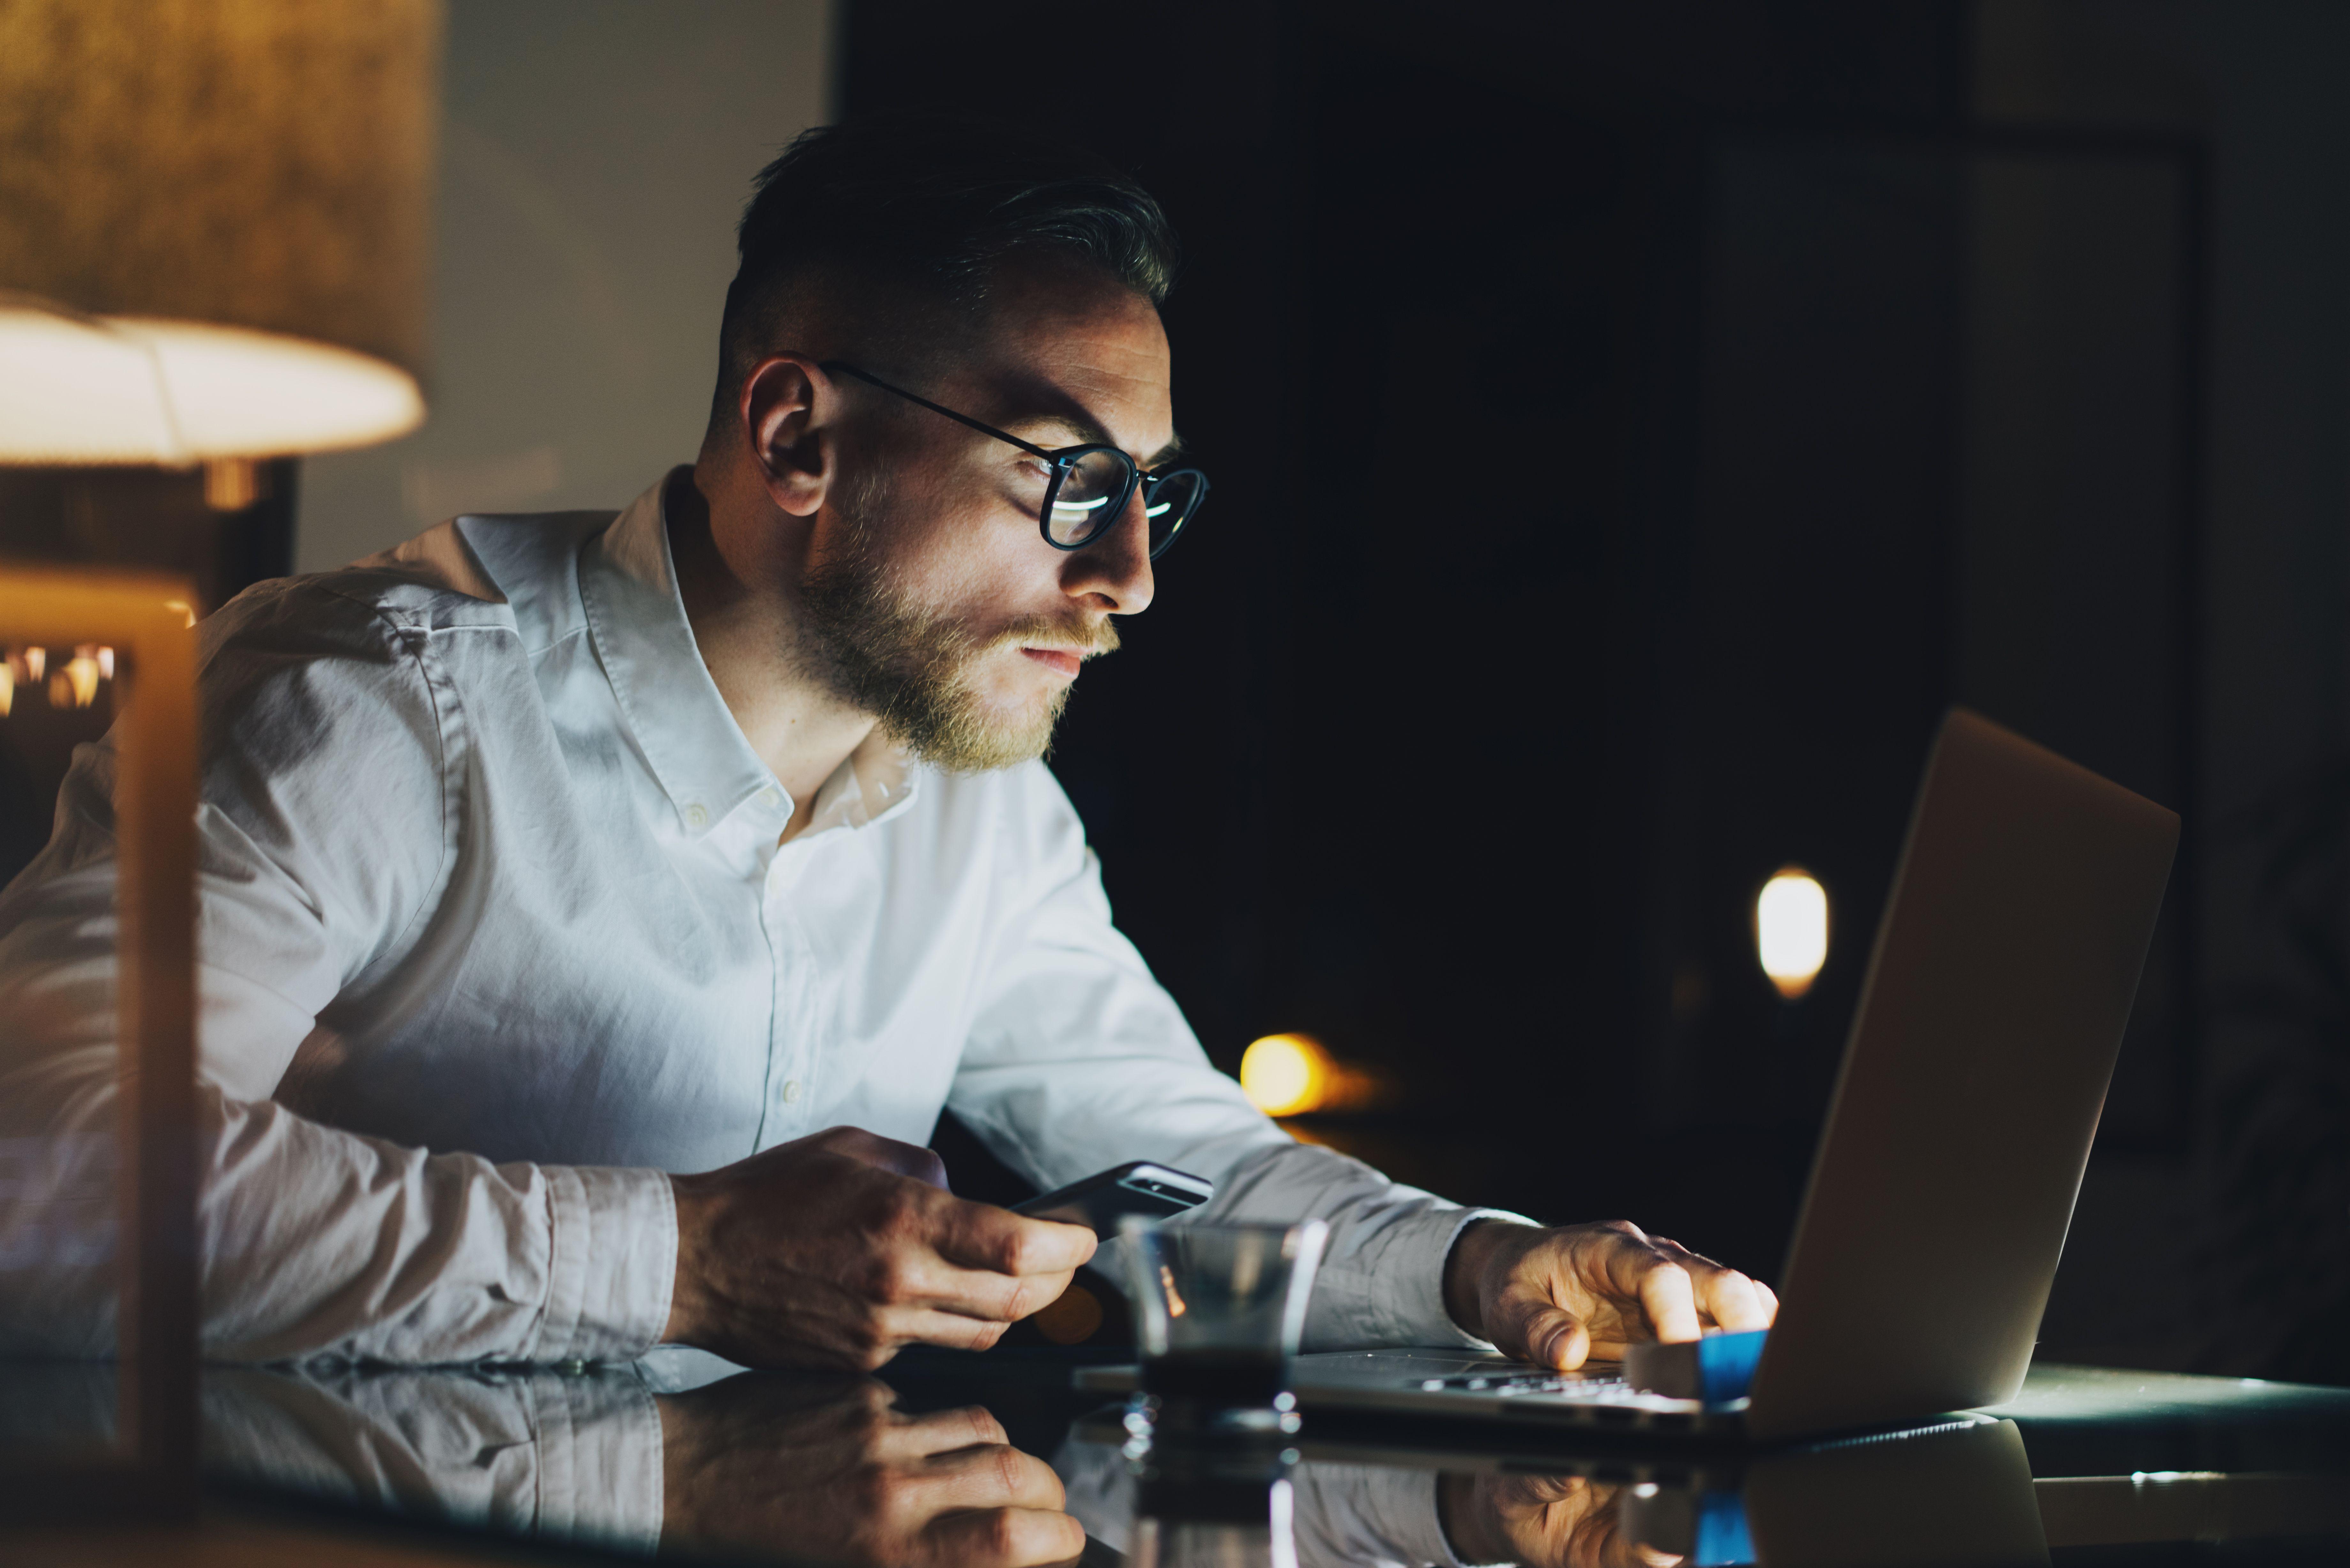 """Ak aj tvoja myseľ patrí k tým, ktoré začínajú pri potrebe vysokého pracovného nasadenia """"štrajkovať"""", vyskúšaj týchto 8 tipov. Dokážu nakopnúť tvoj mentálny výkon a obnoviť zdroje tvojej energie."""